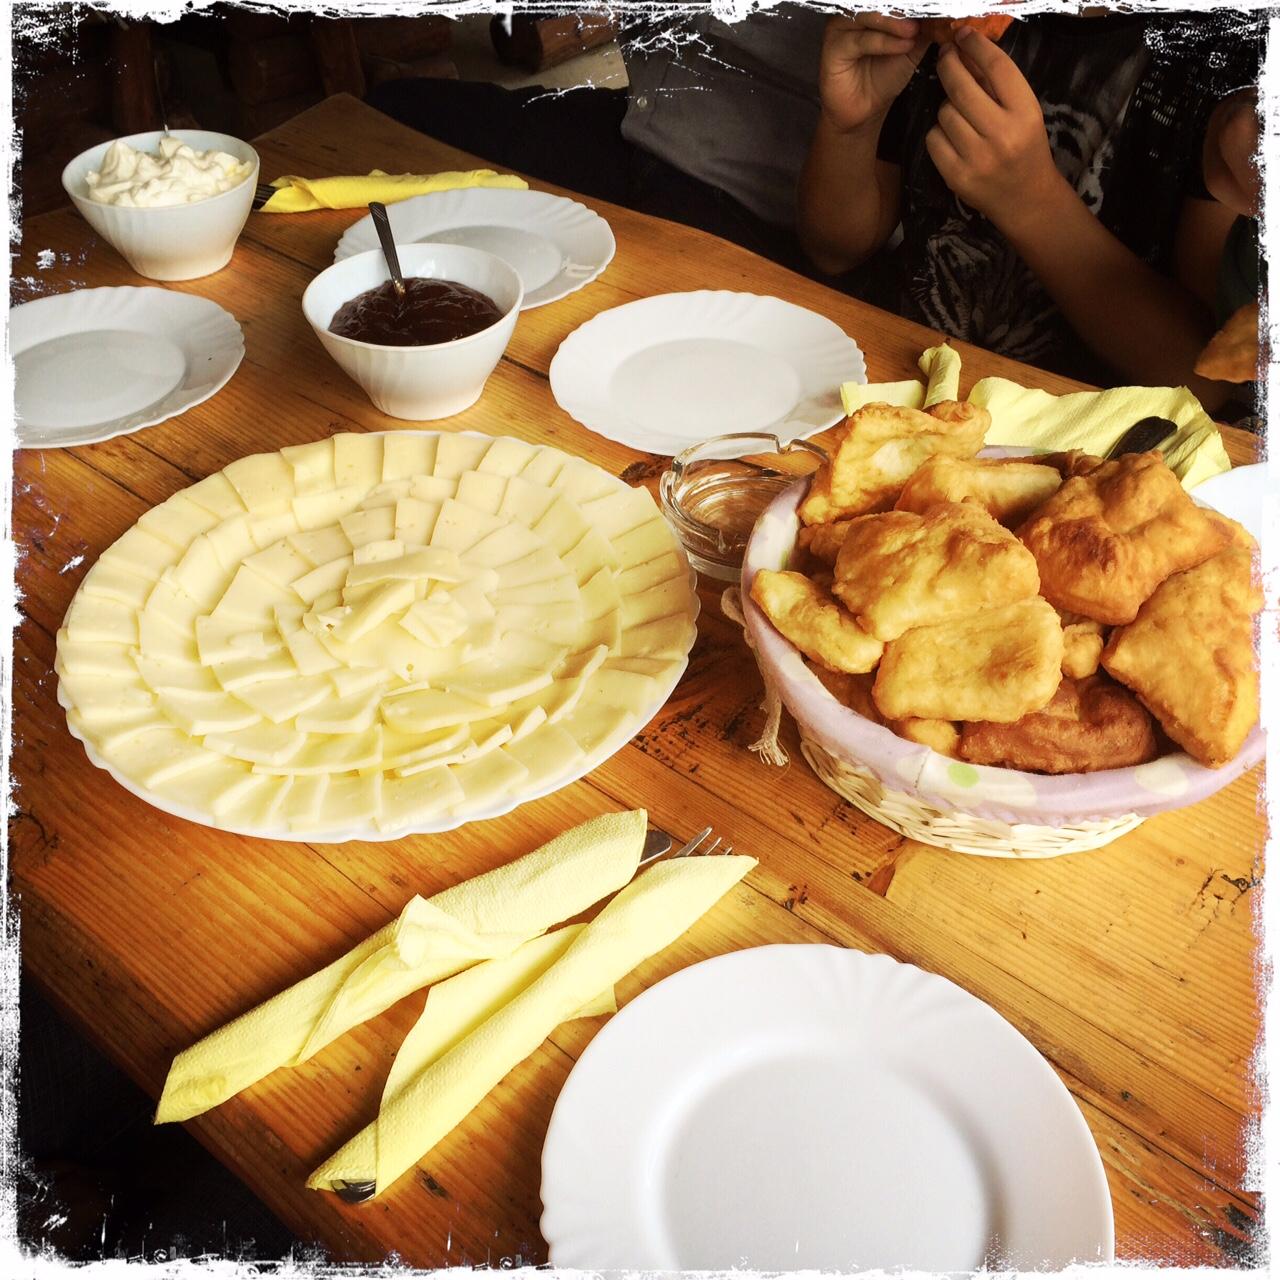 Nichts geht über ein richtiges Frühstück nach Balkanart (Foto: balkanblogger)